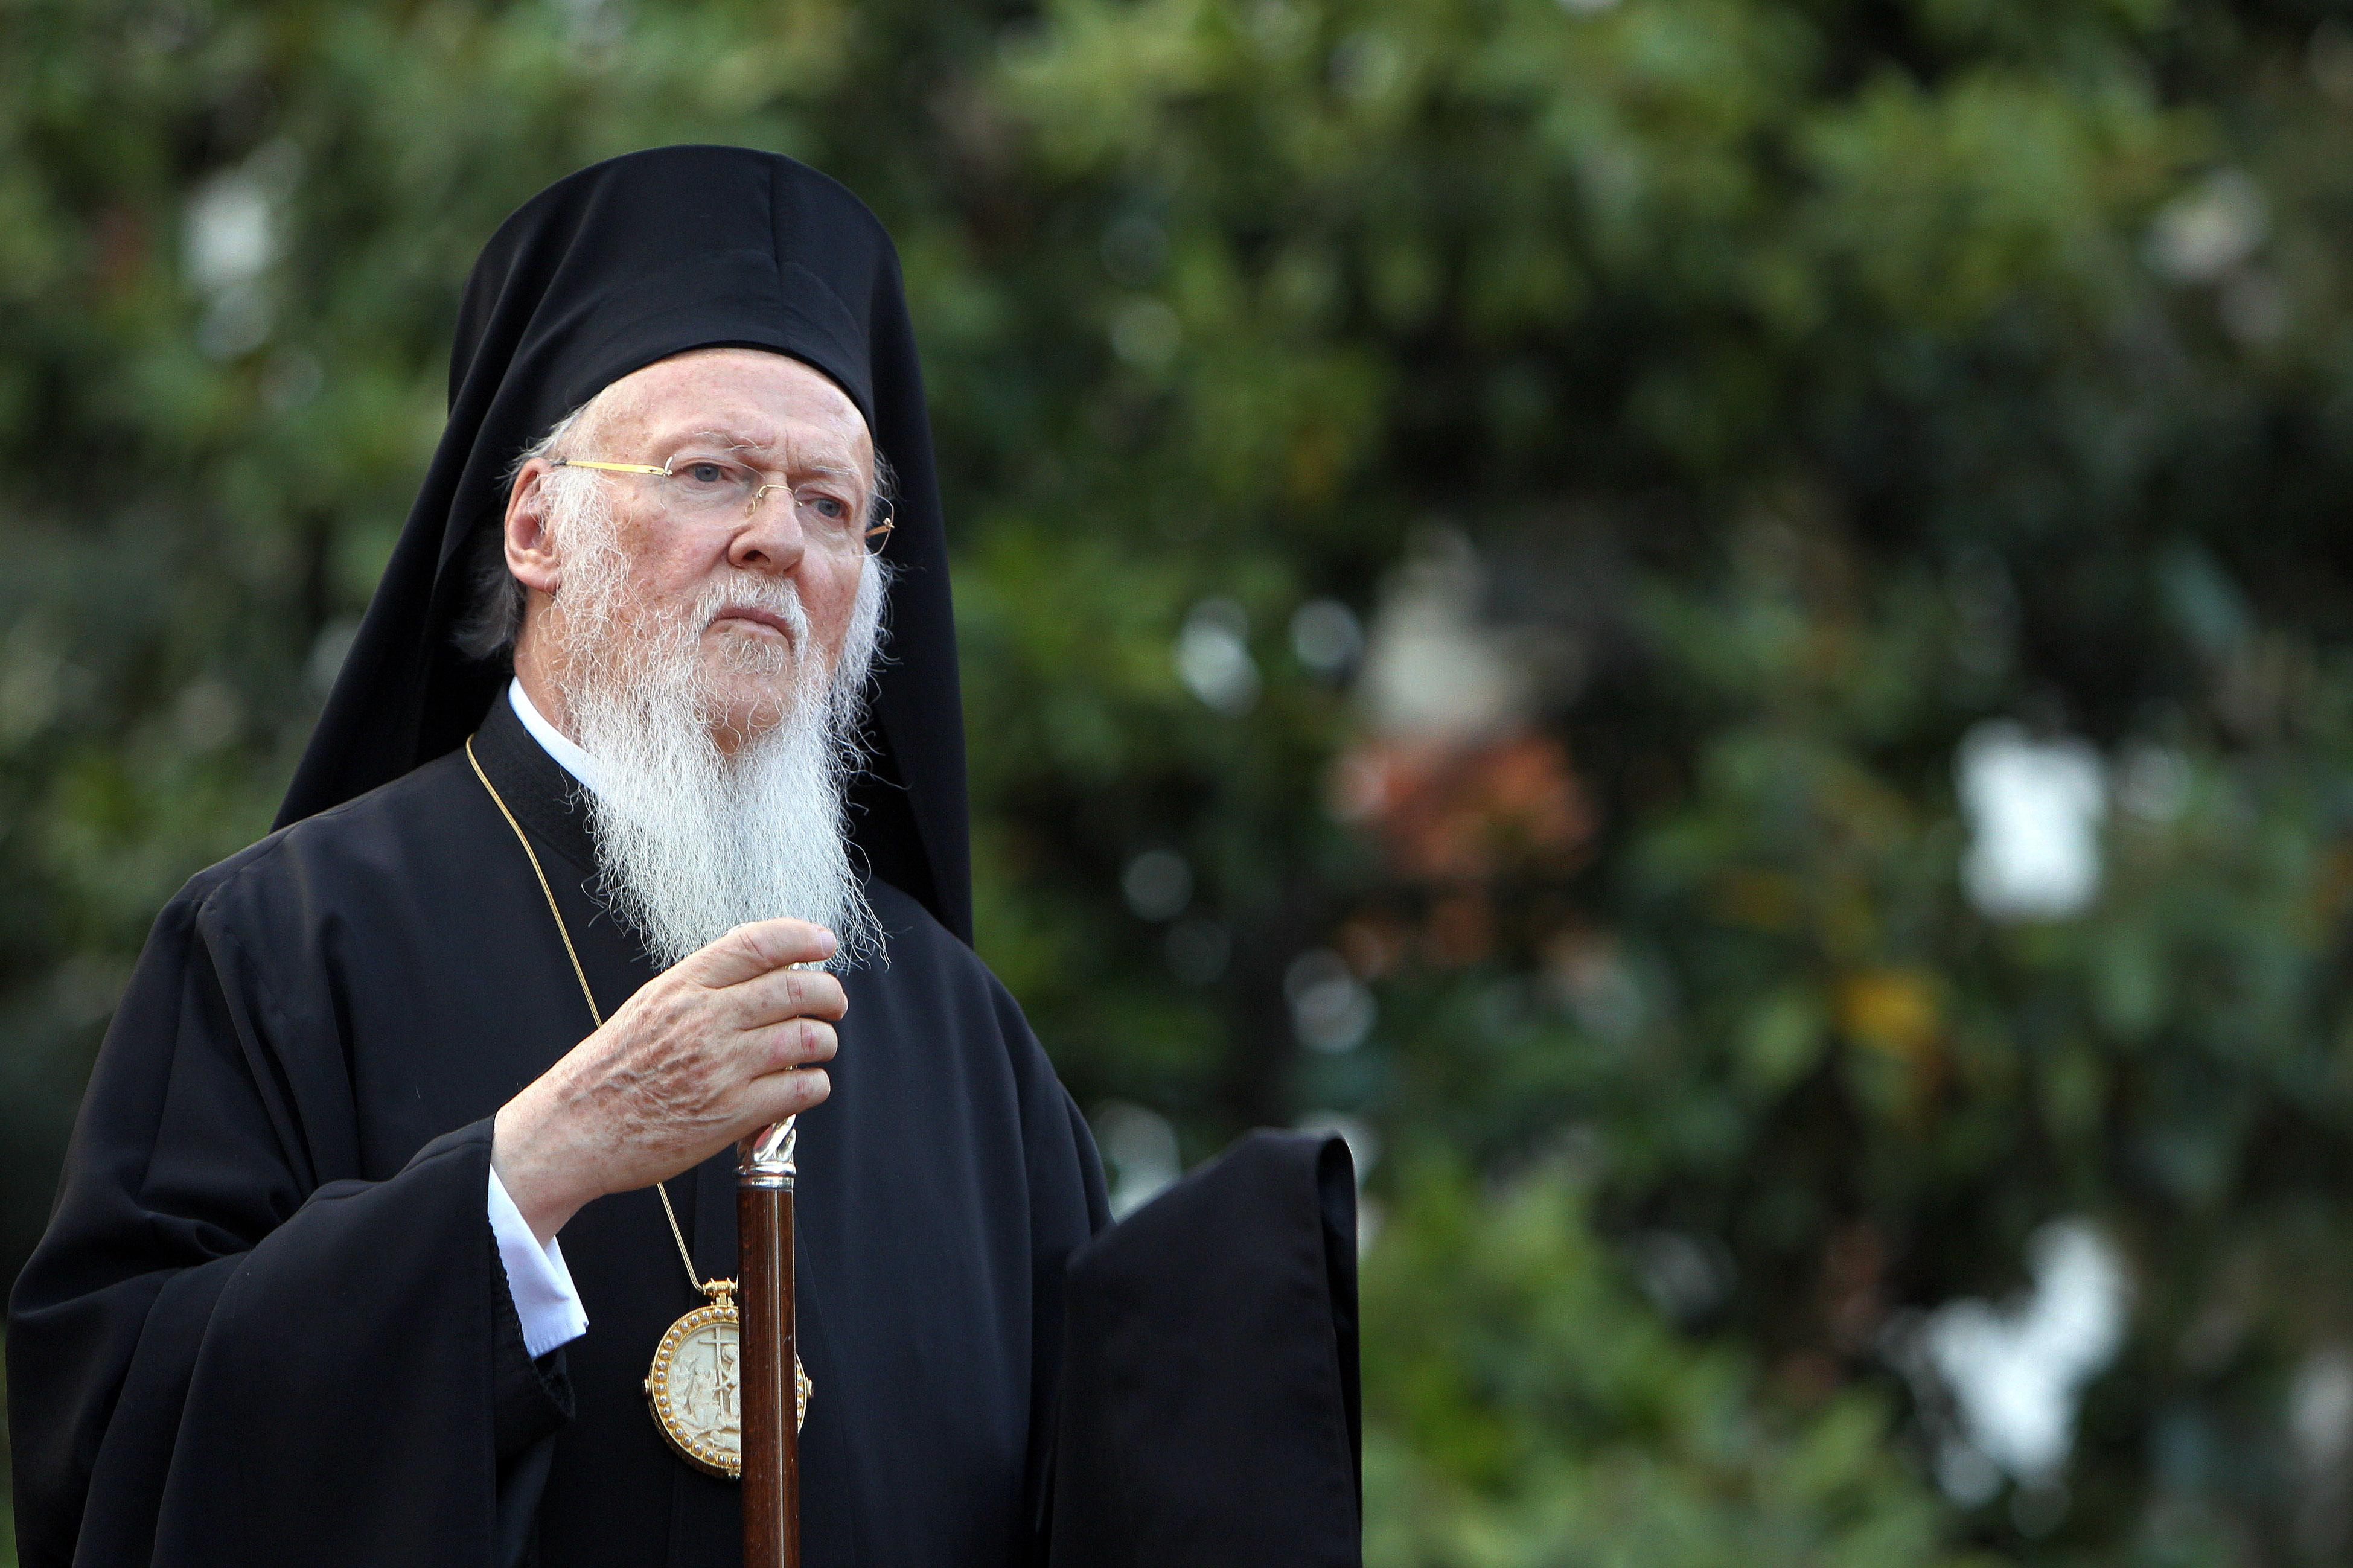 Εκκληση Βαρθολομαίου για συμμετοχή όλων των Εκκλησιών στην Σύνοδο   tovima.gr